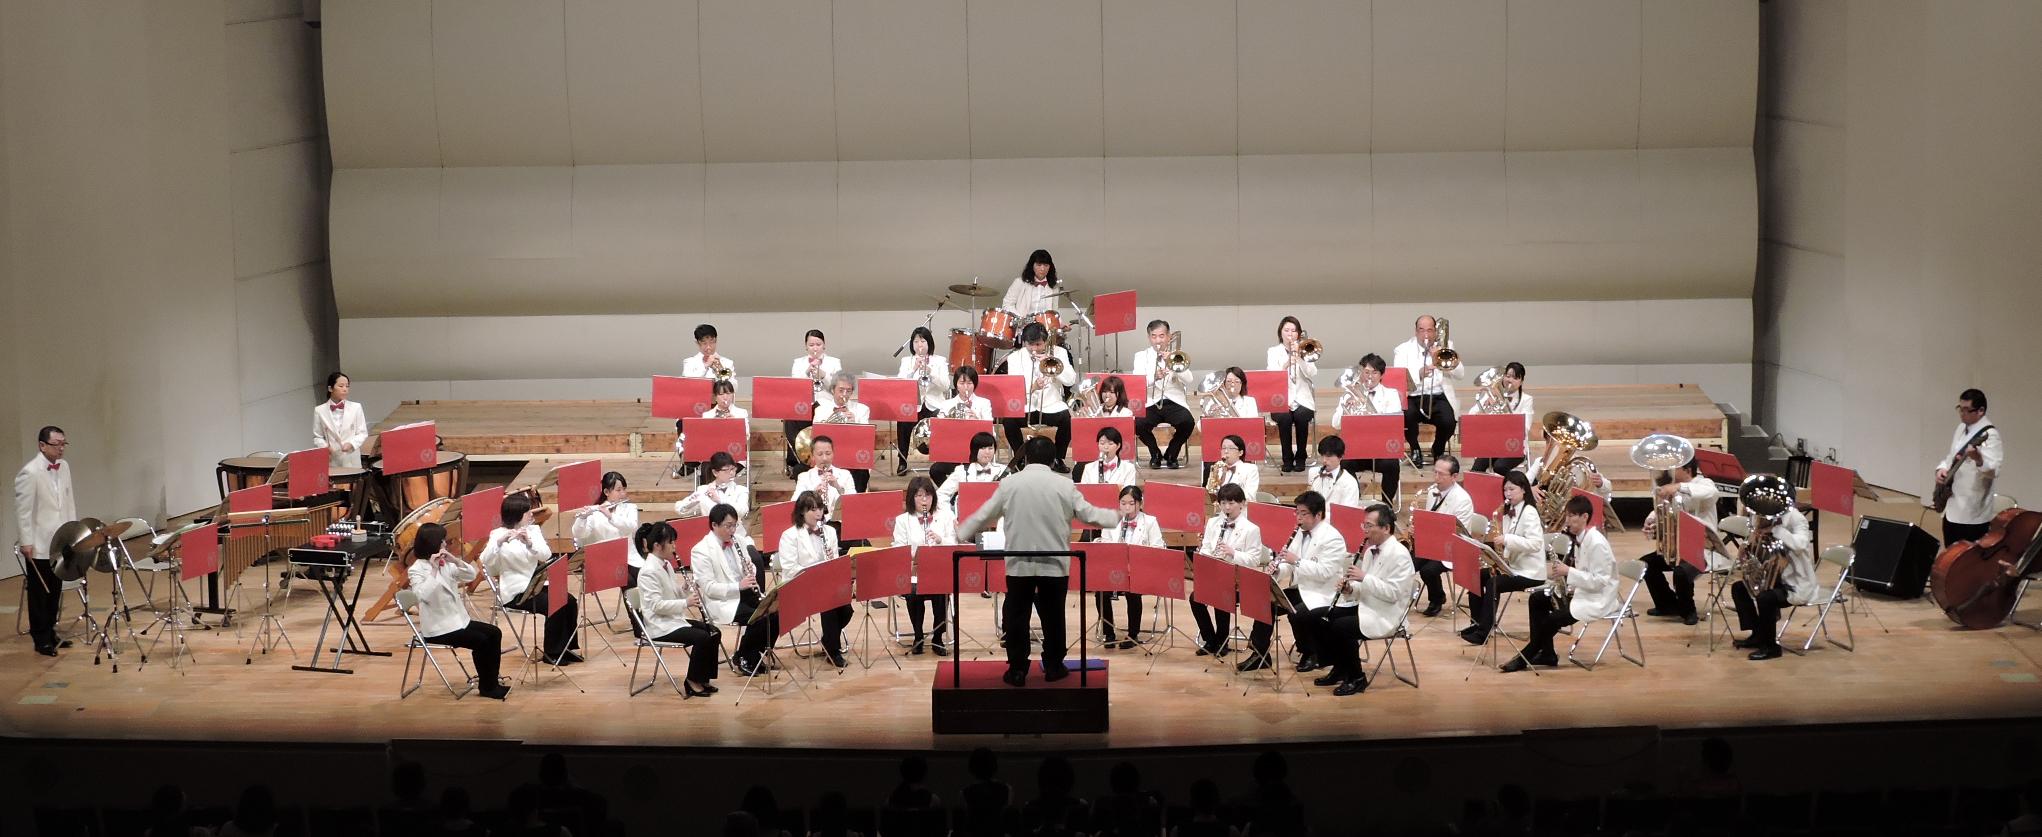 「くるめ音楽祭」出演団体募集